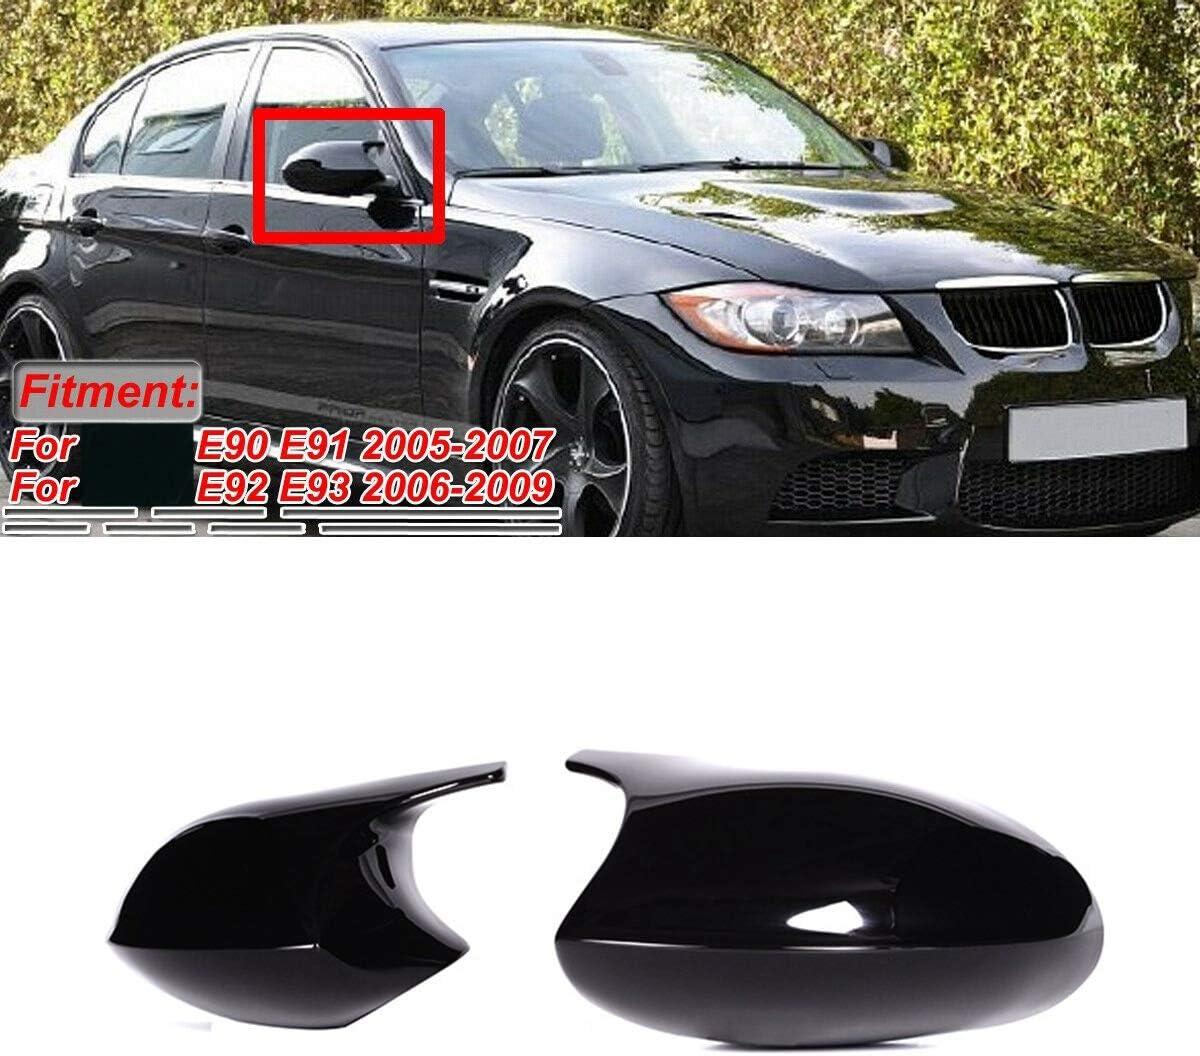 Basage M3 Style Black Replacement Mirror Cap Cover for 3 Series E90 E91 E92 E93 Pre-LCI